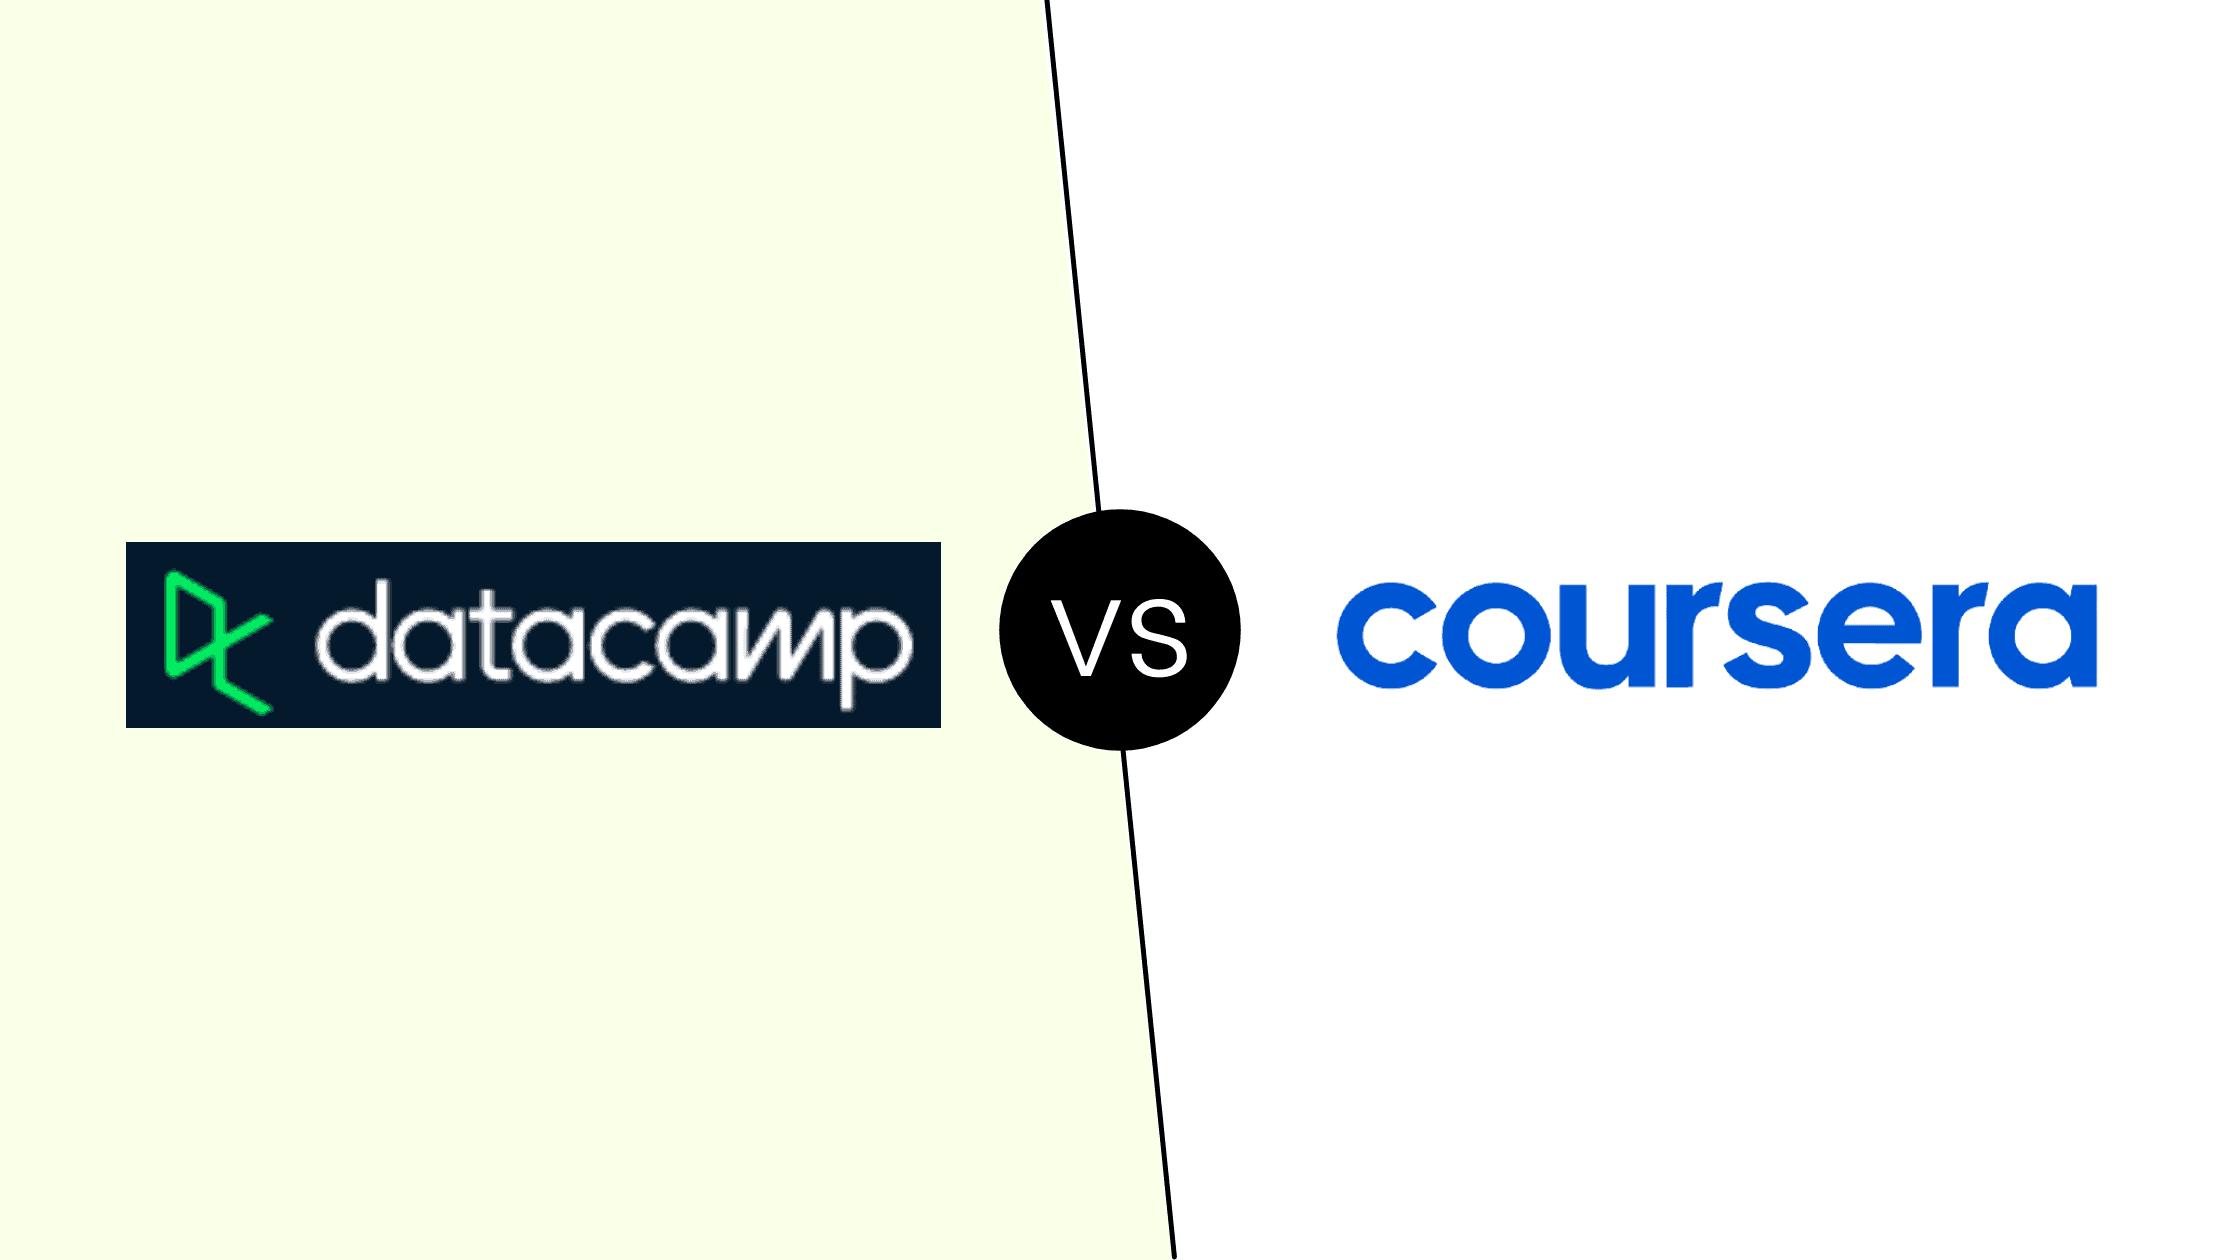 Datacamp vs Coursera